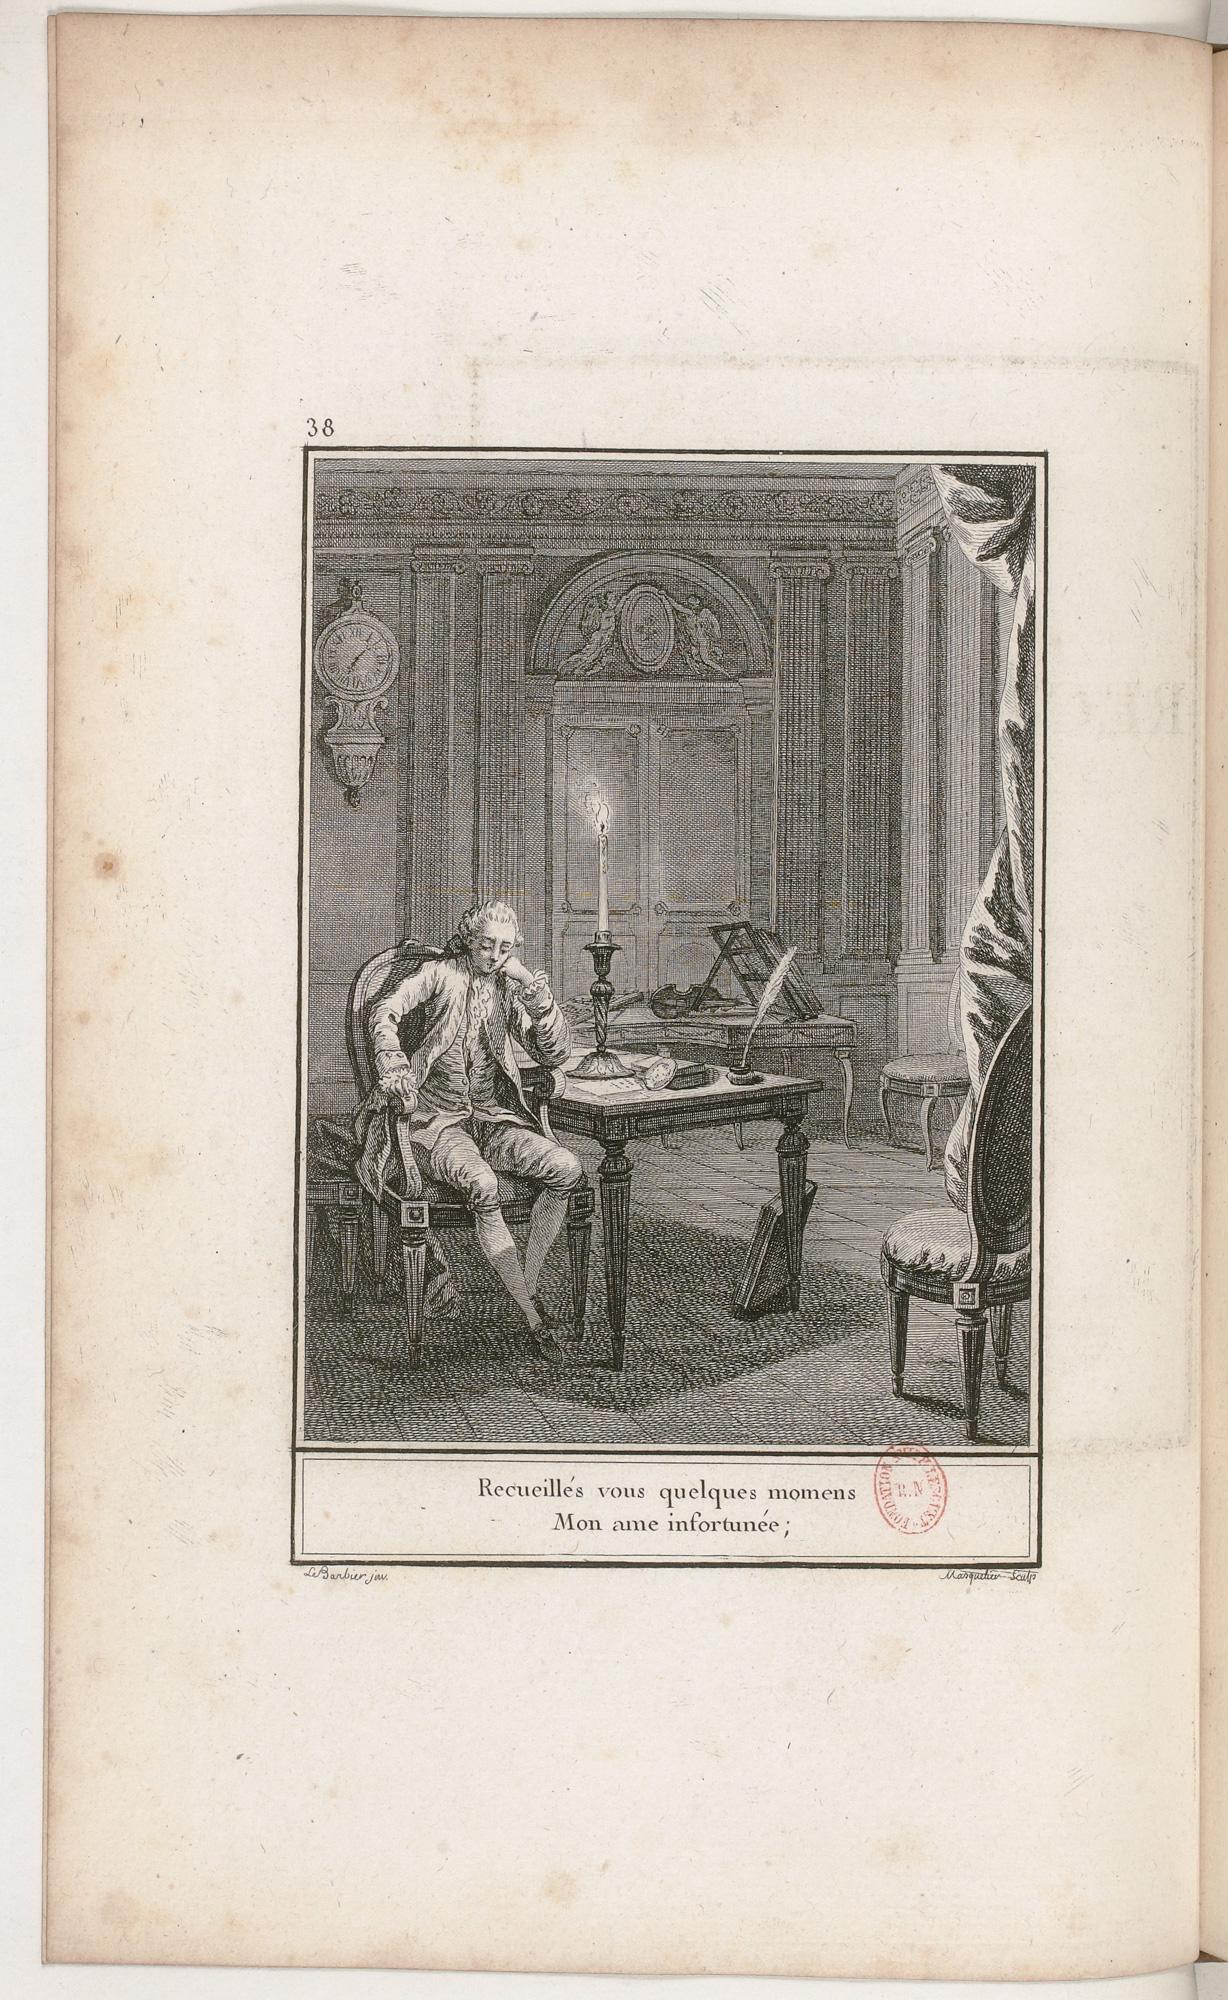 S.3.07 Le recuëillement, 1772, Image